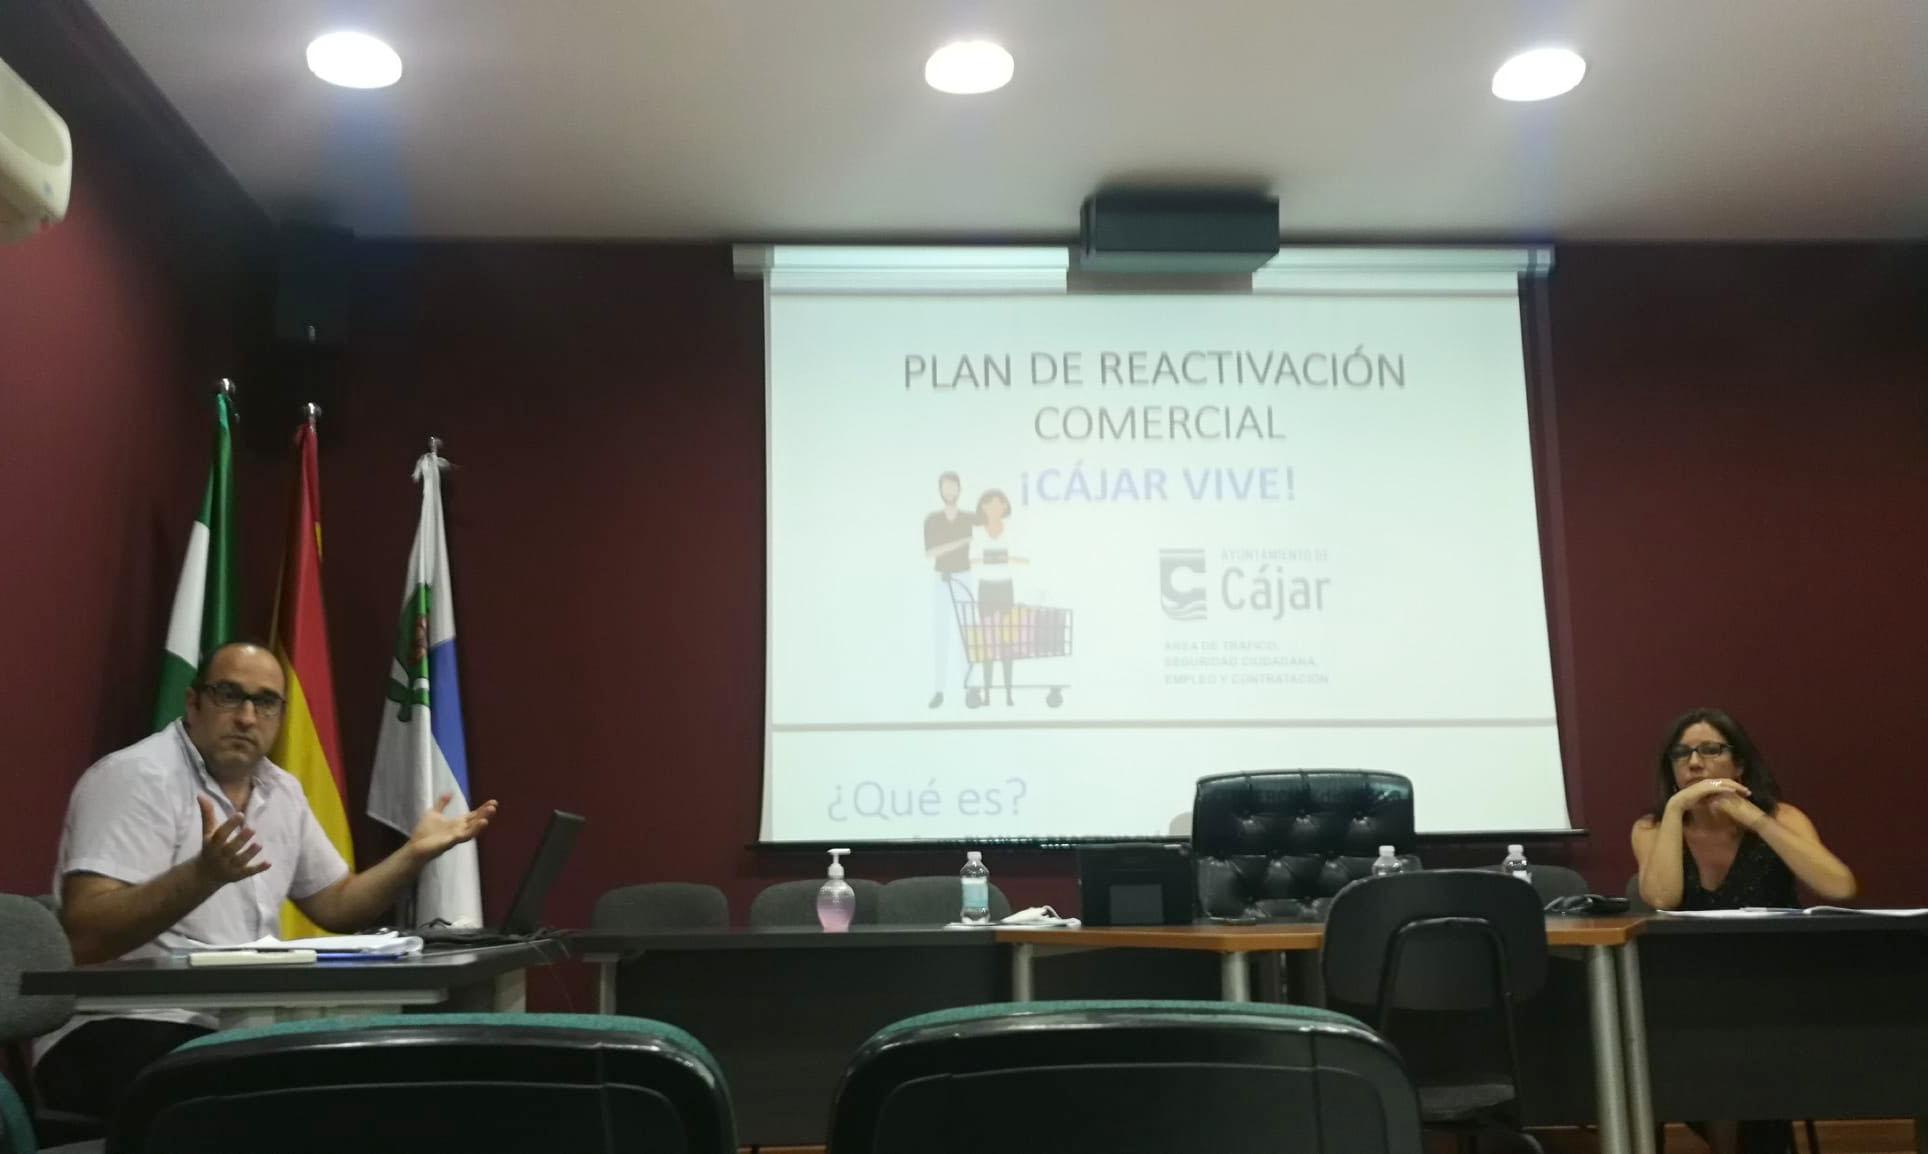 El Ayuntamiento de Cájar reactiva la actividad comercial en el municipio